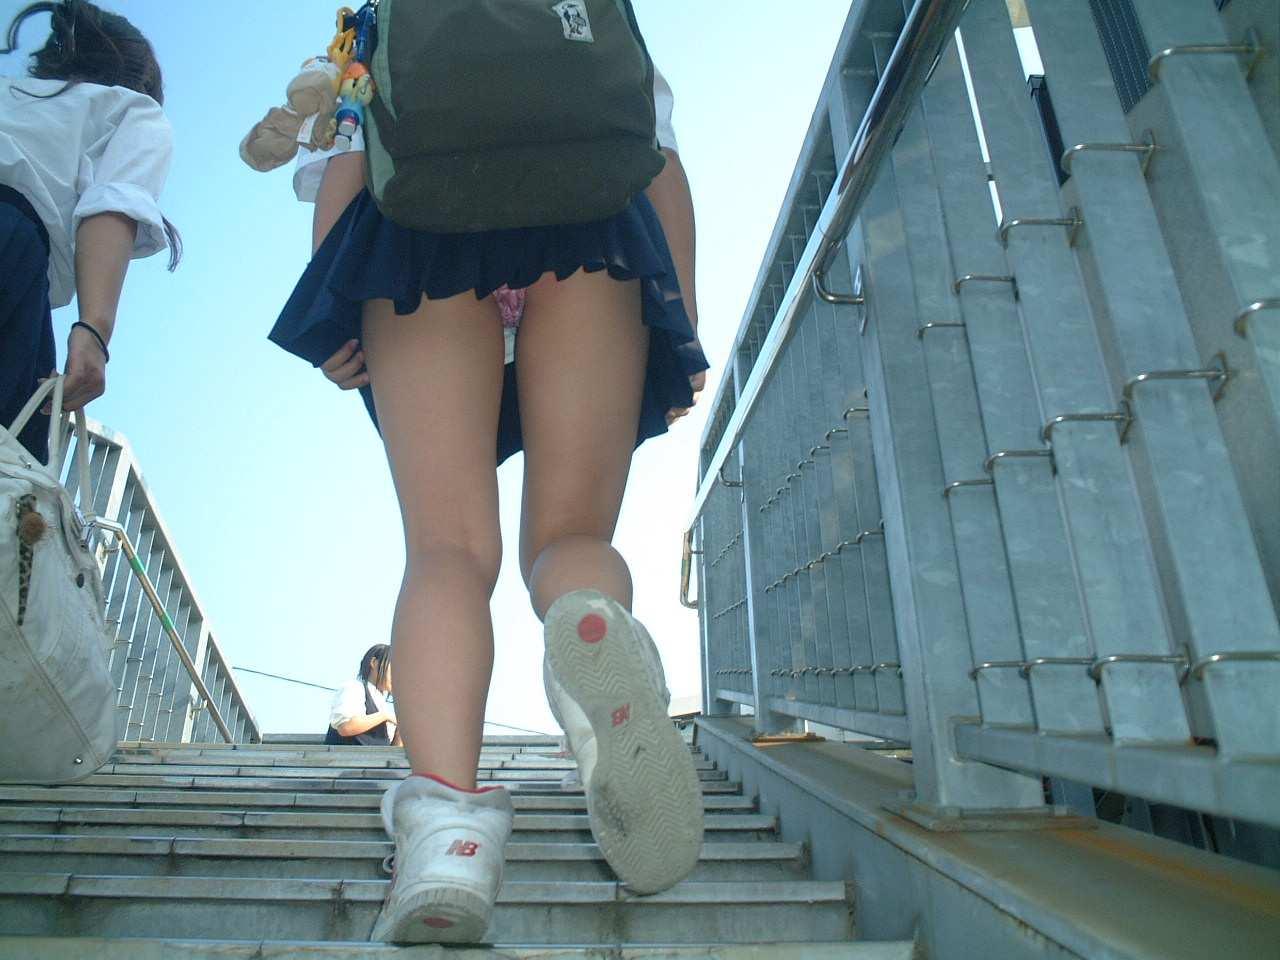 制服jkのパンティーを街撮り盗撮したパンチラ画像www 1010